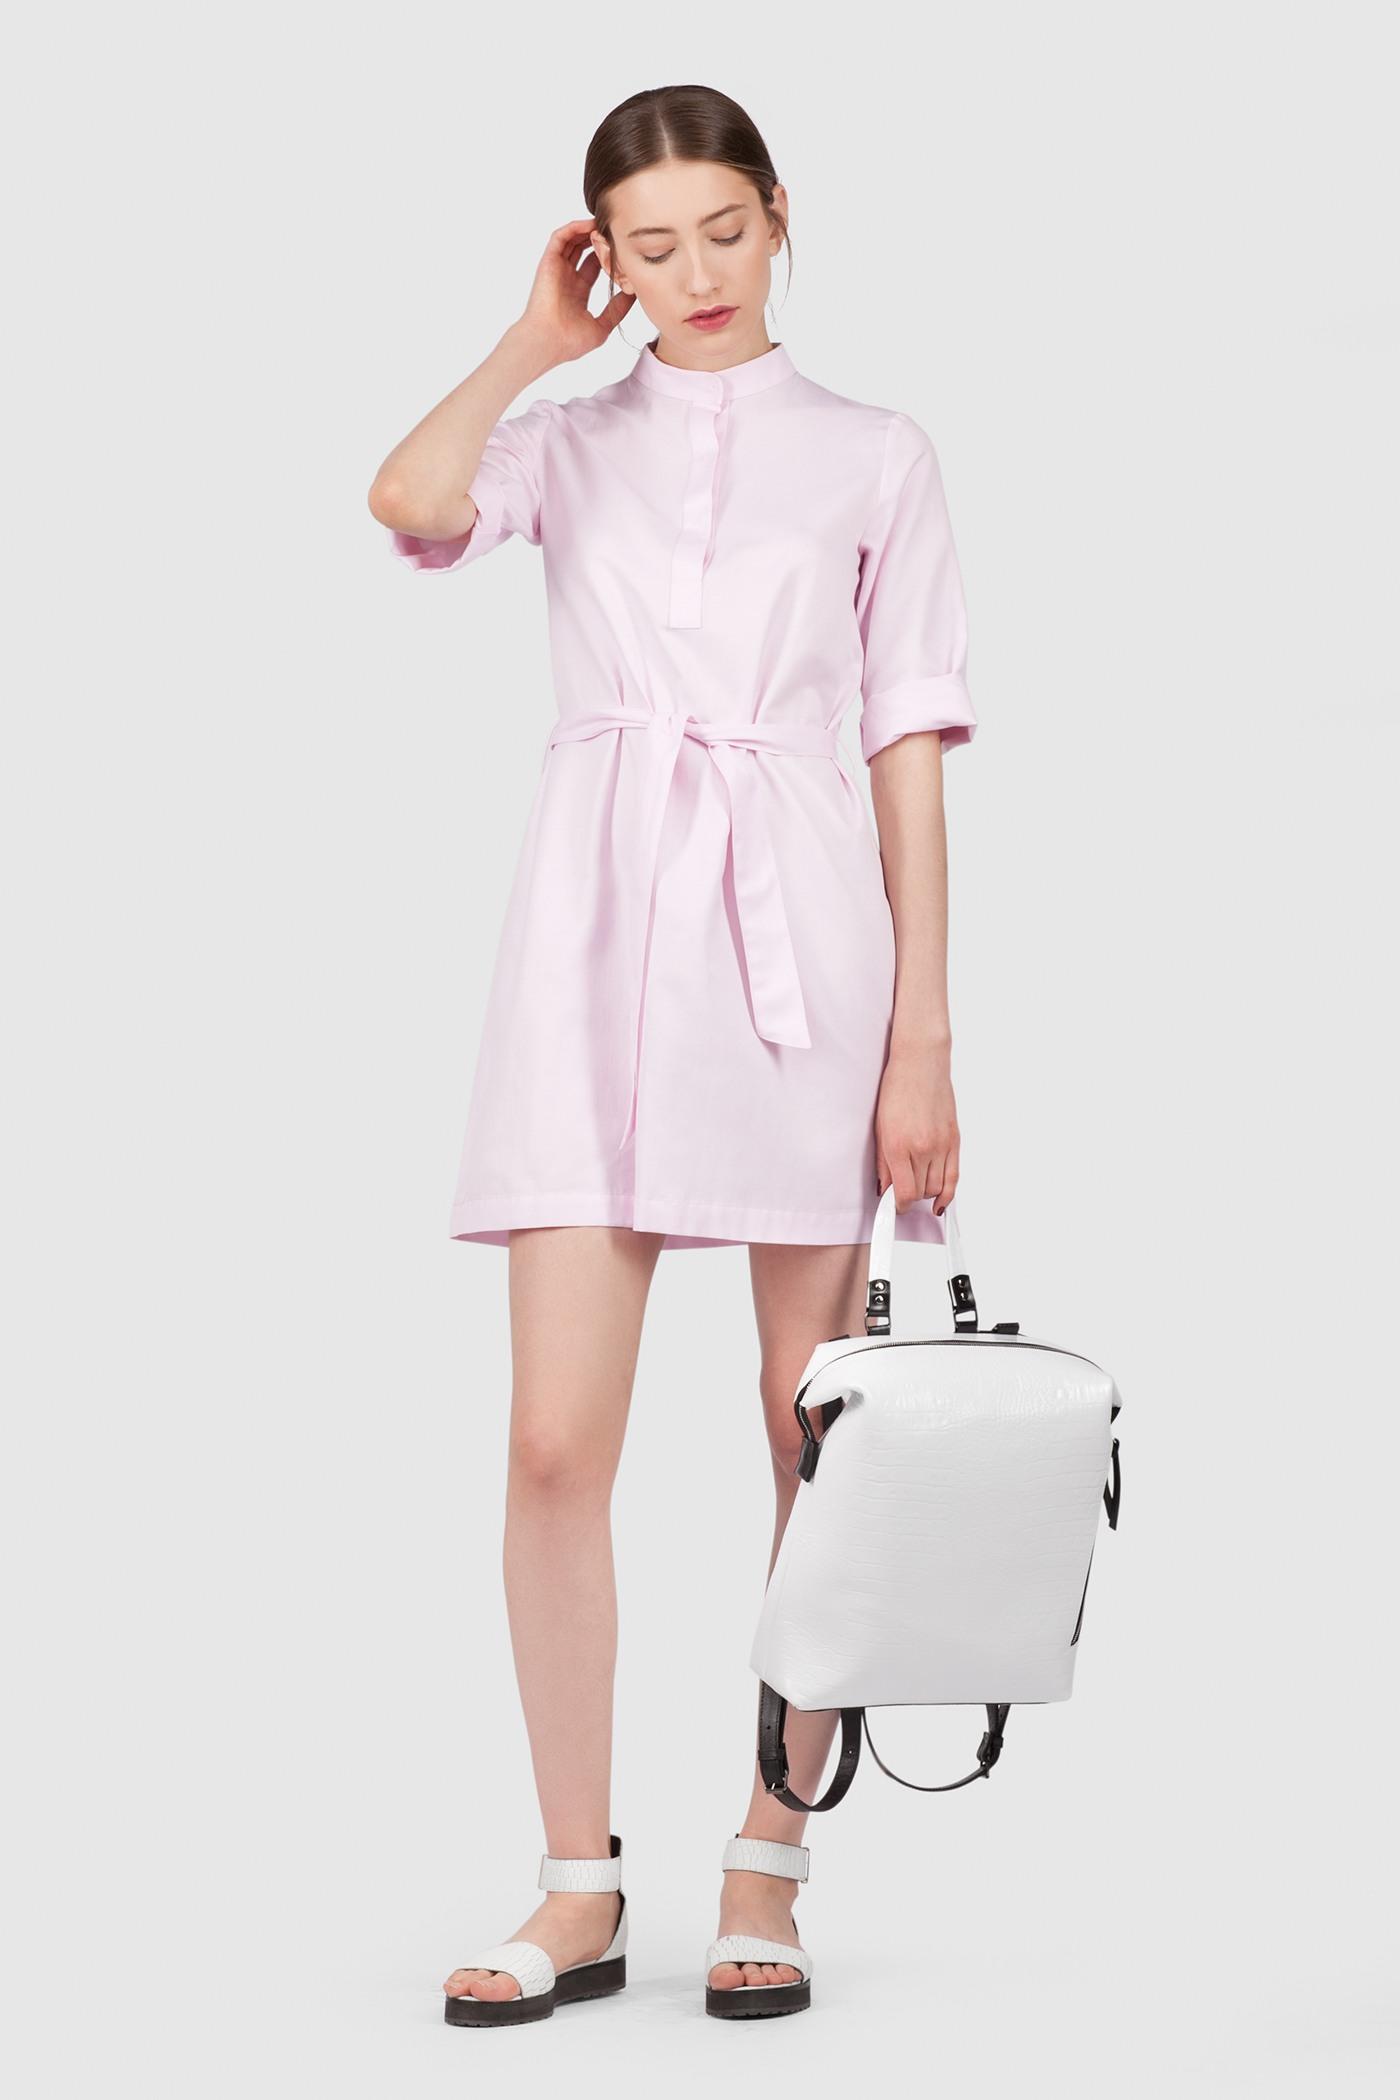 Рубашка-ПлатьеУдлинённая платье-рубашка прямого силуэта со стойкой&#13;<br>&#13;<br>&#13;<br>легкая дышащая ткань&#13;<br>&#13;<br>застёгивается на пуговицы&#13;<br>&#13;<br>рукава 3/4&#13;<br>&#13;<br>длина рубашки по спинке: 83 см&#13;<br>&#13;<br>в комплекте тканный пояс. Рубашку можно носить как с ним, так и без него<br><br>Цвет: Бледно-розовый, Черный, Васильковый, Белый, Синий, Красный<br>Размер: XS, S, M